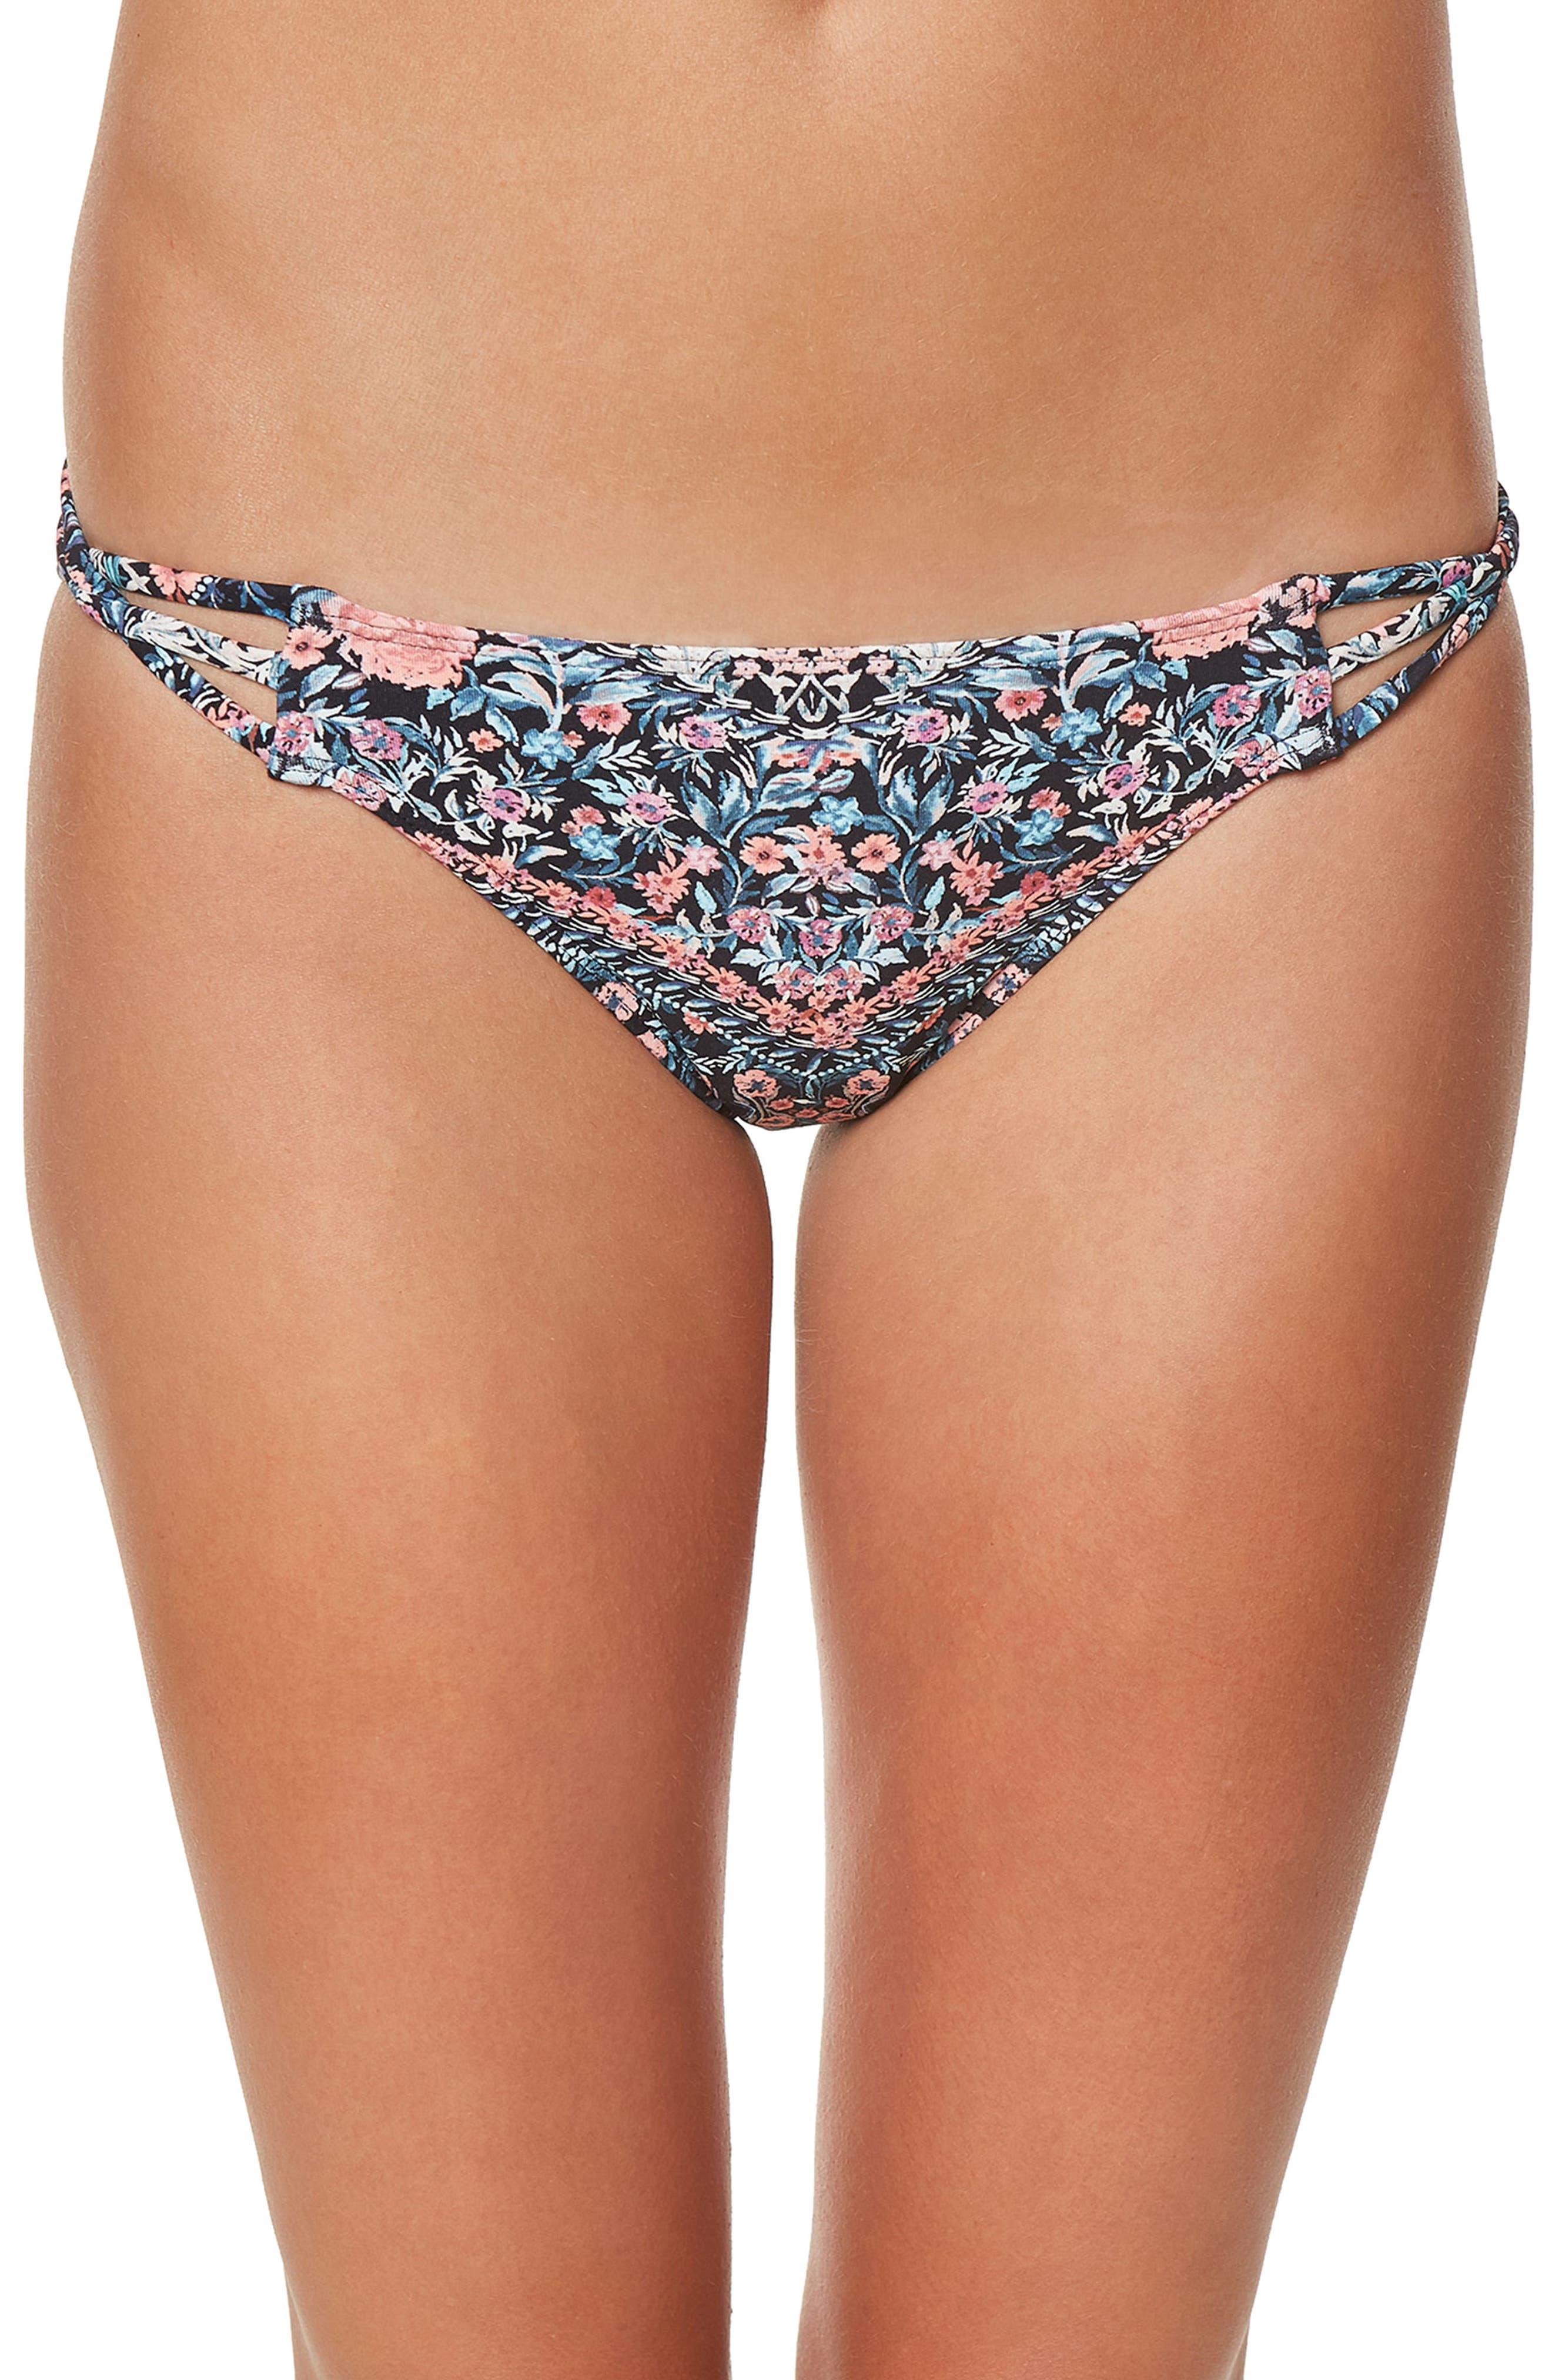 Porter Strappy Bikini Bottom,                         Main,                         color, Multi Color